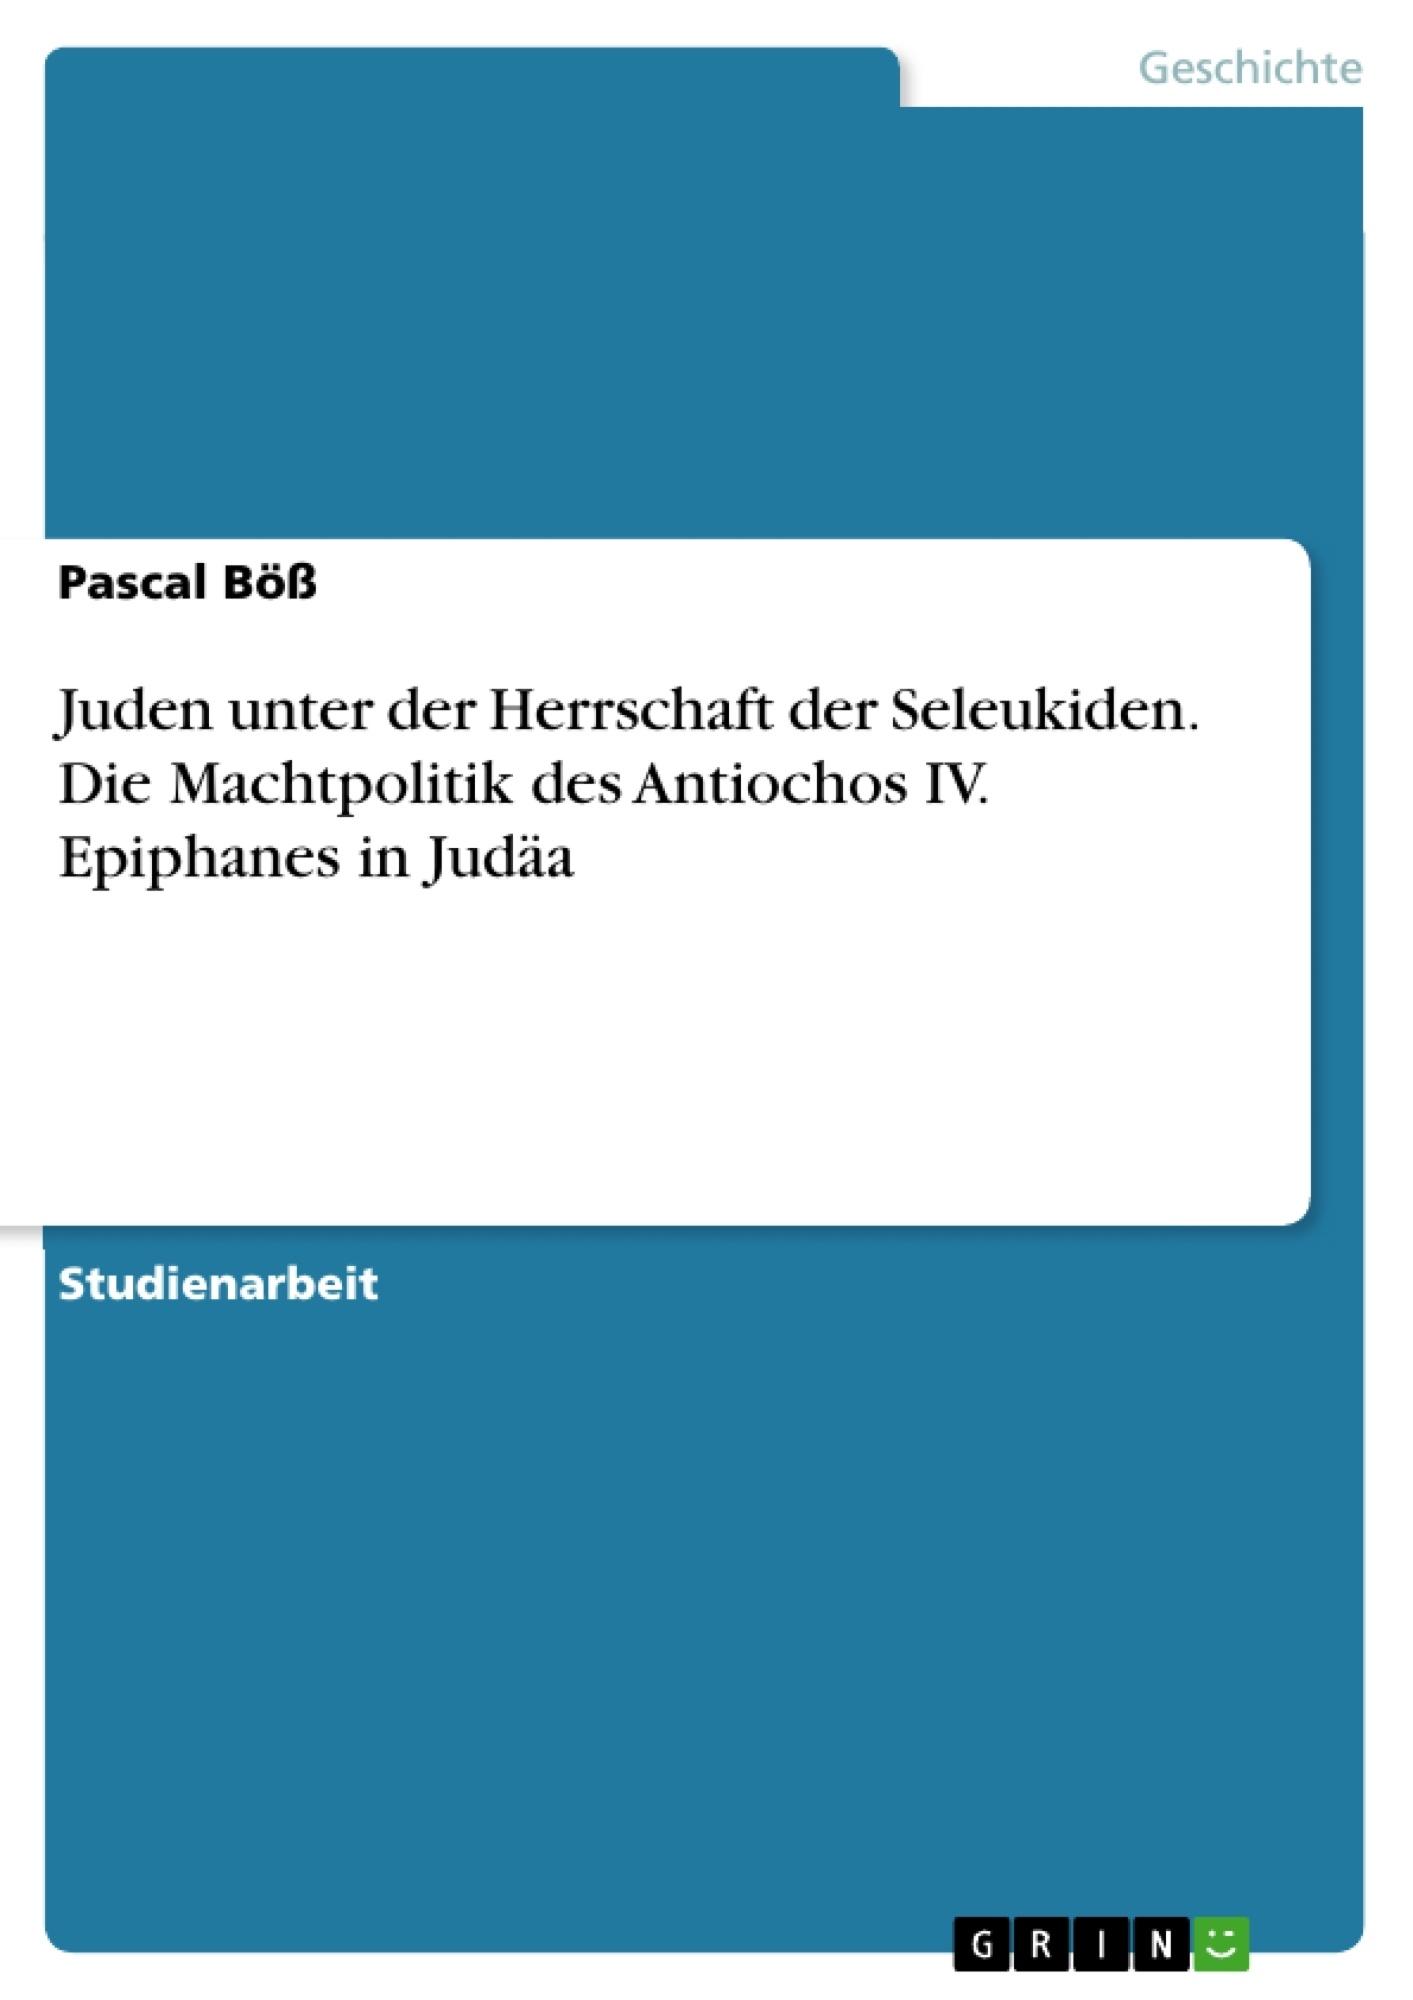 Titel: Juden unter der Herrschaft der Seleukiden. Die Machtpolitik des Antiochos IV. Epiphanes in Judäa